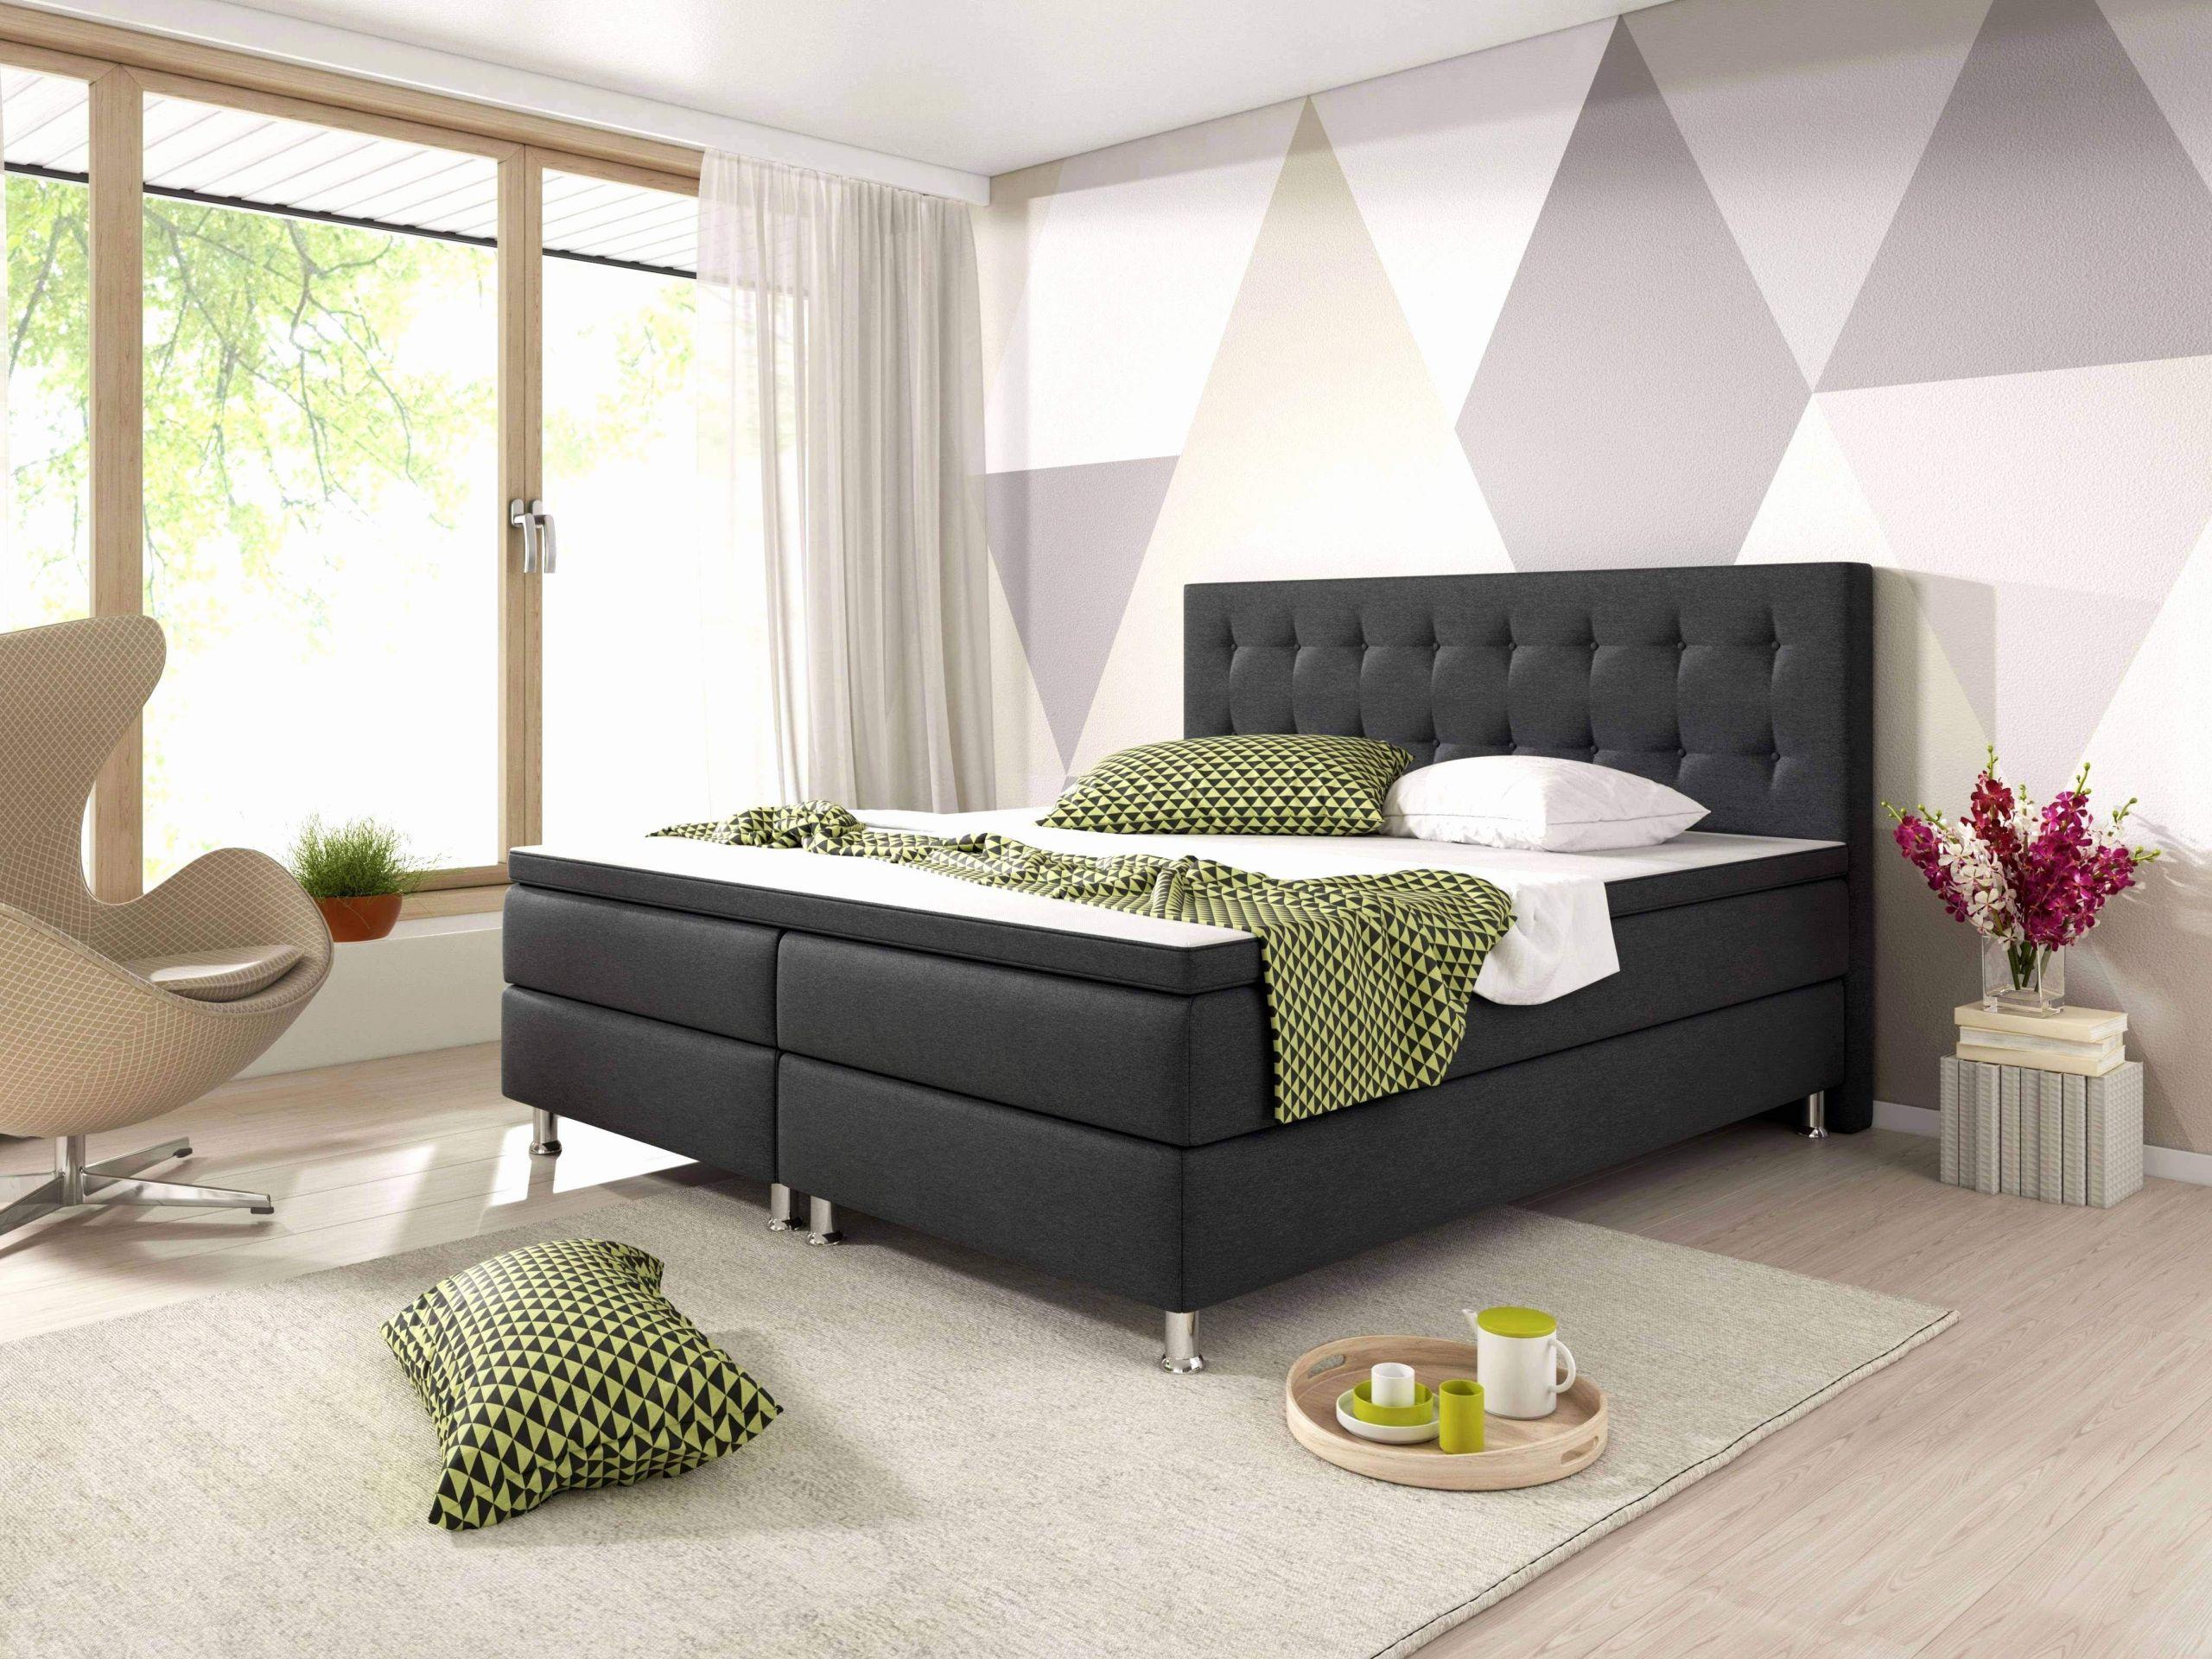 wohnzimmer deko selber machen inspirierend wohnzimmer ideen selber machen new wohnzimmer fenster of wohnzimmer deko selber machen scaled